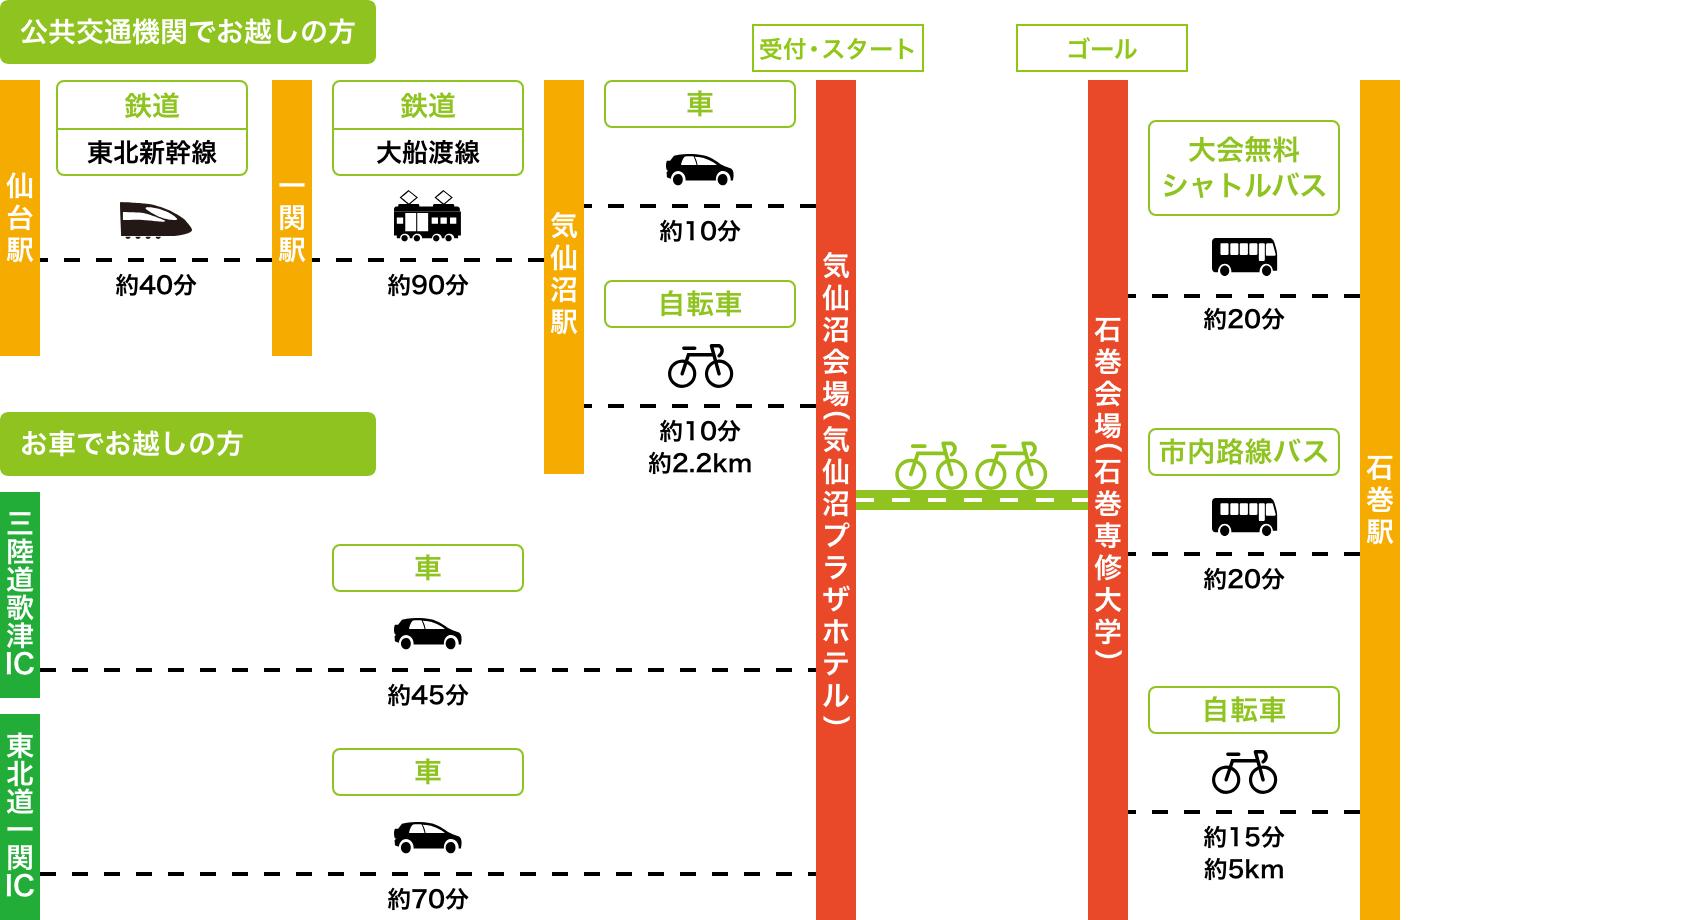 気仙沼会場(気仙沼プラザホテル)へのアクセス図